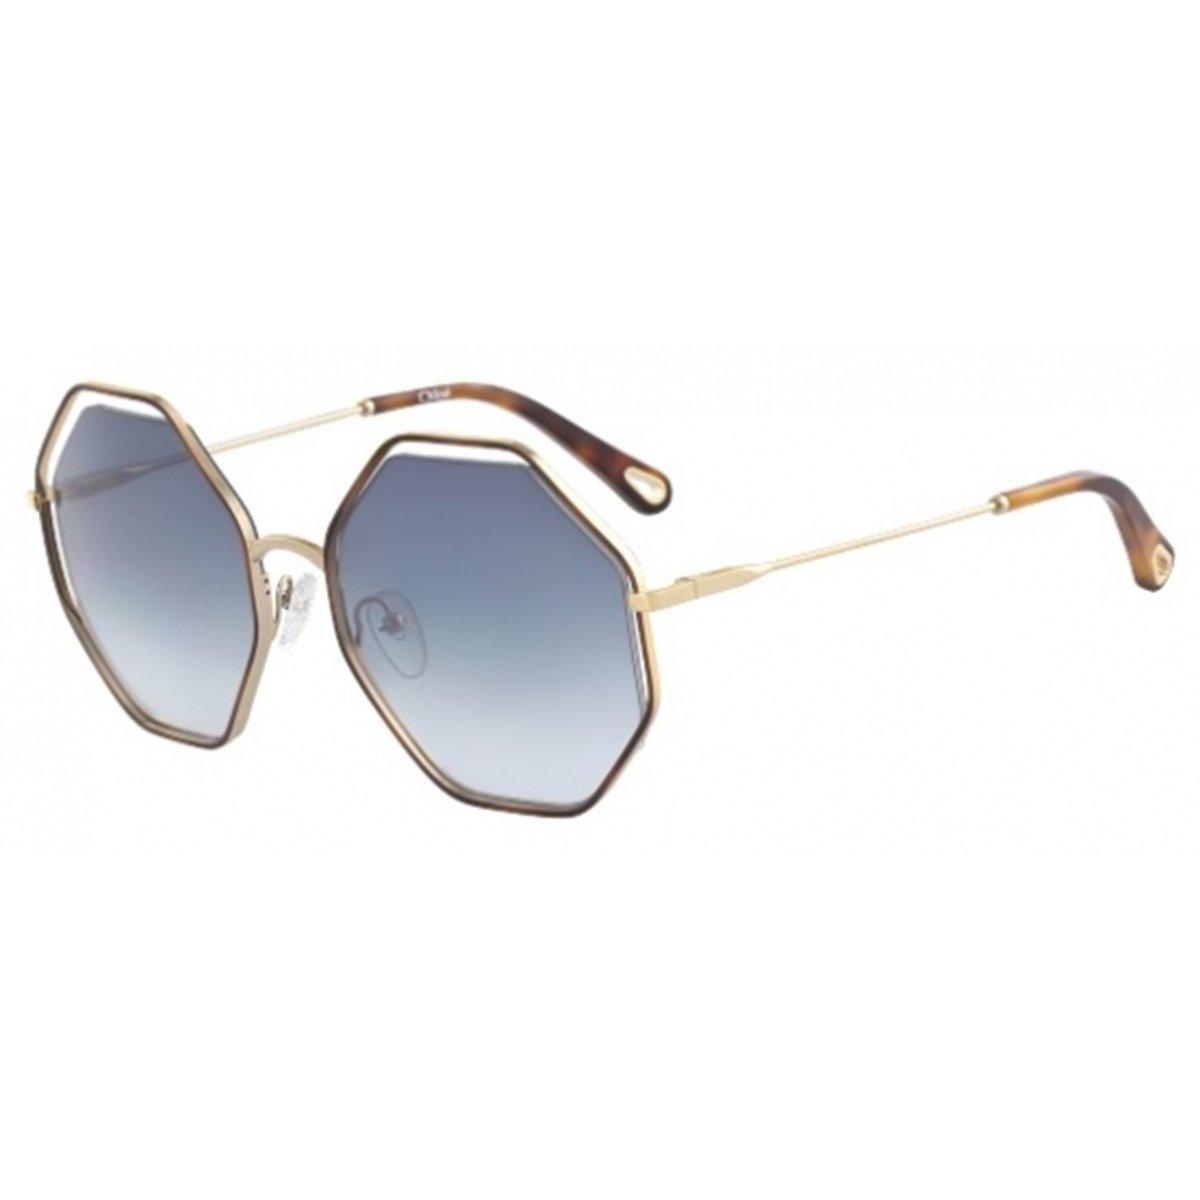 4b18552a7 Compre Óculos de Sol Chloé Poppy em 10X | Tri-Jóia Shop